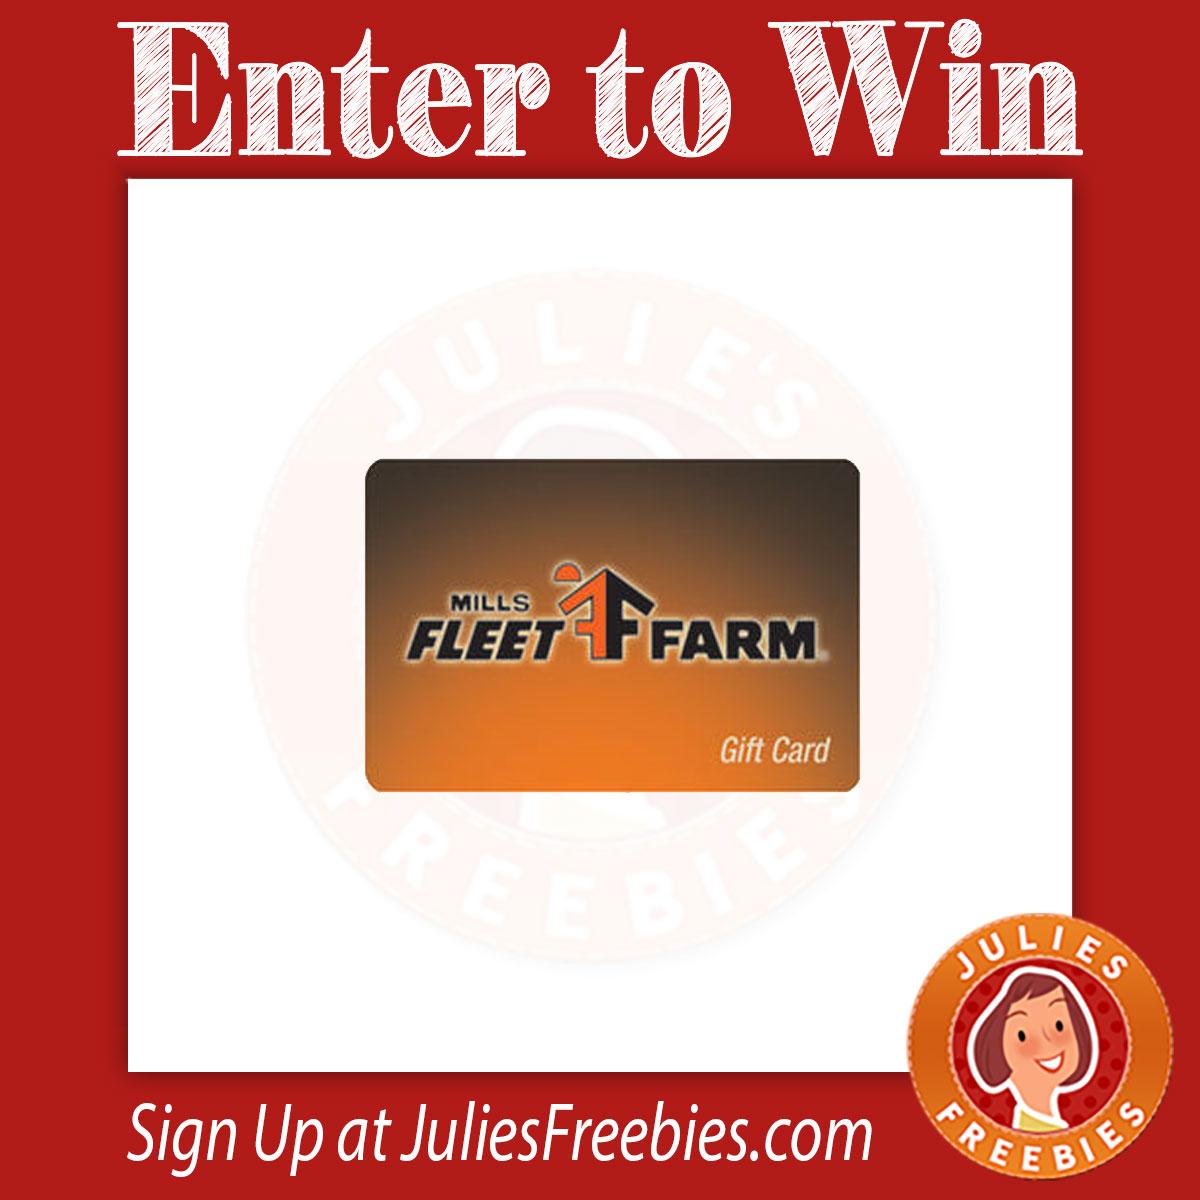 millsfleetfarmgc - Fleet Farm Gift Card